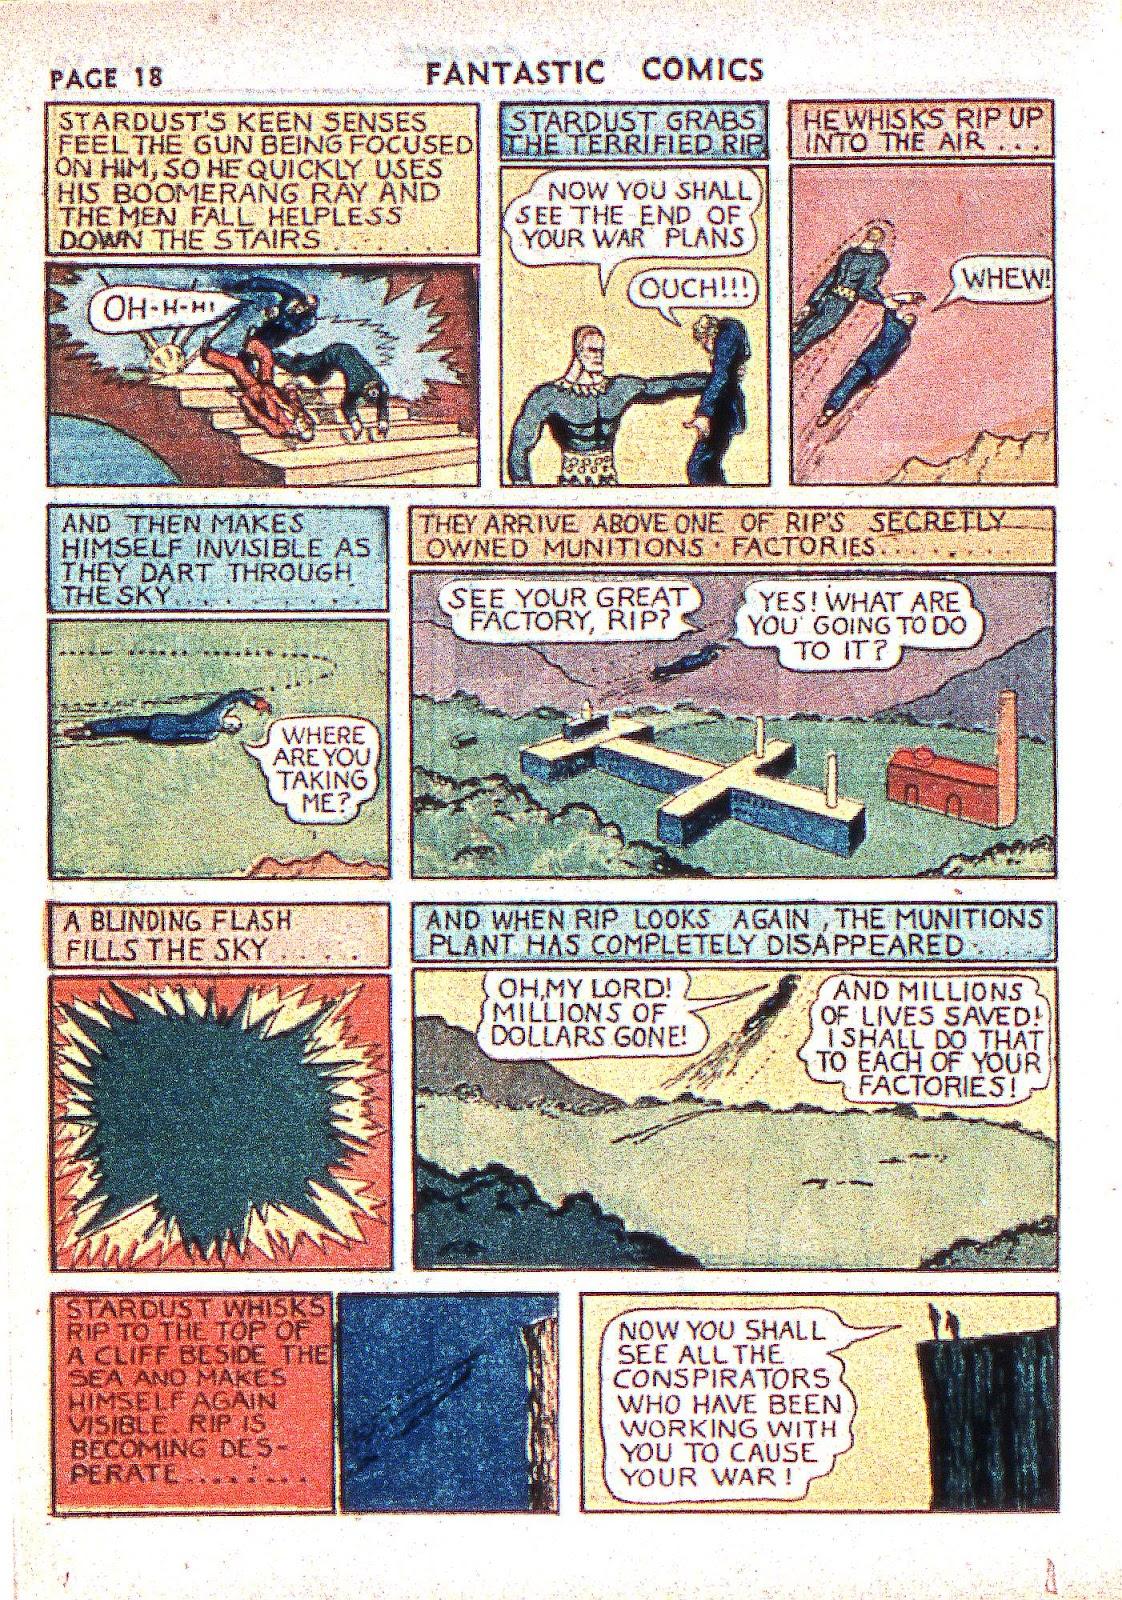 Read online Fantastic Comics comic -  Issue #2 - 20